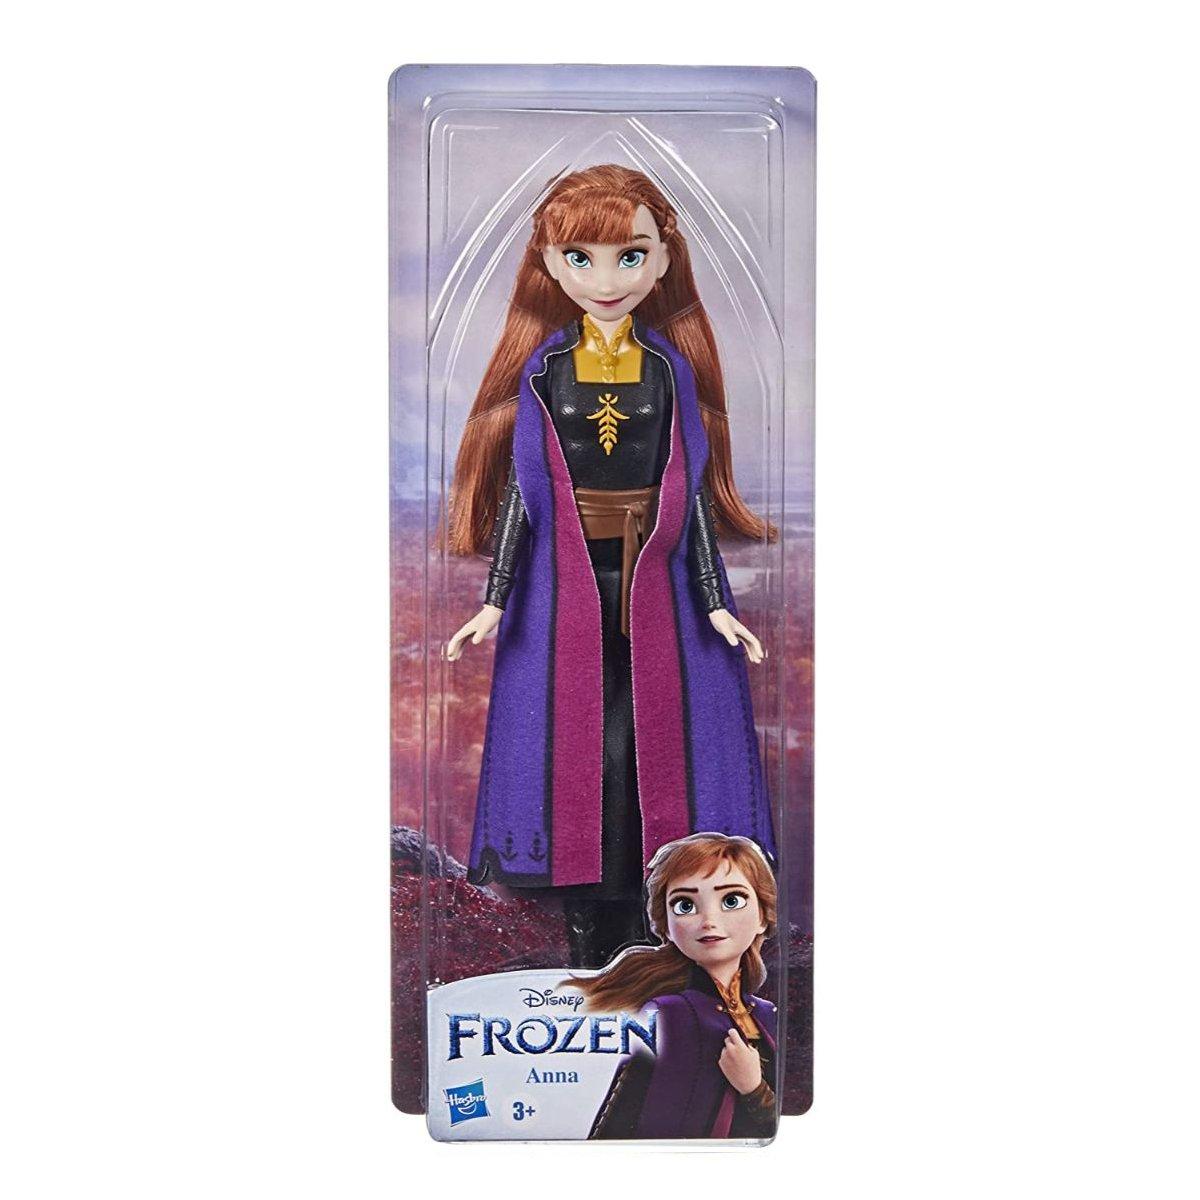 Papusa Anna, Frozen 2, 35 cm